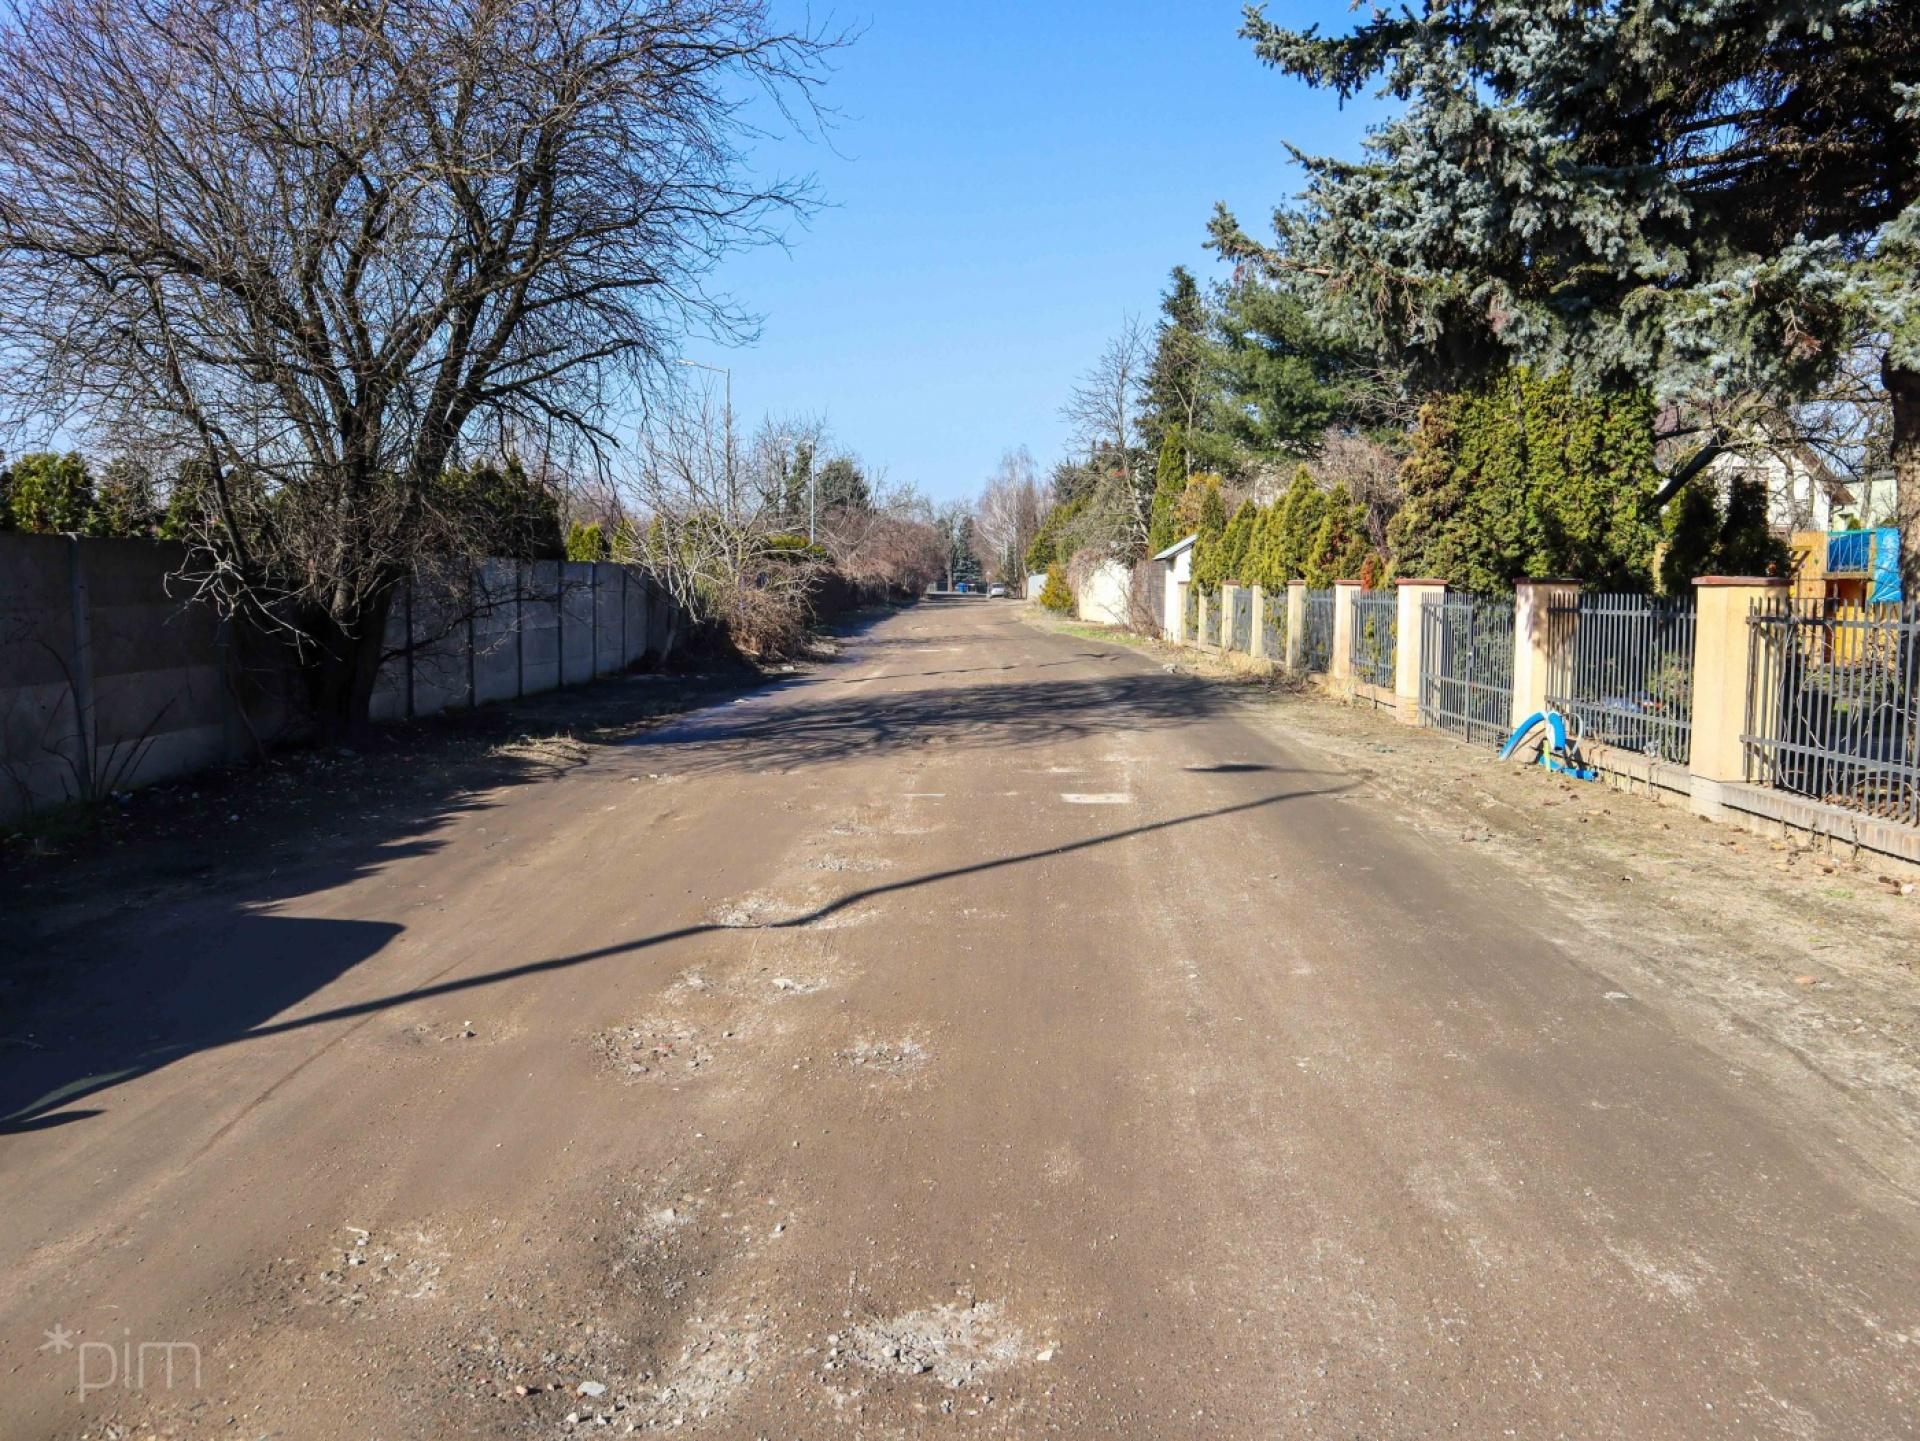 Ogłoszono przetarg na budowę ul. Kaczmarka